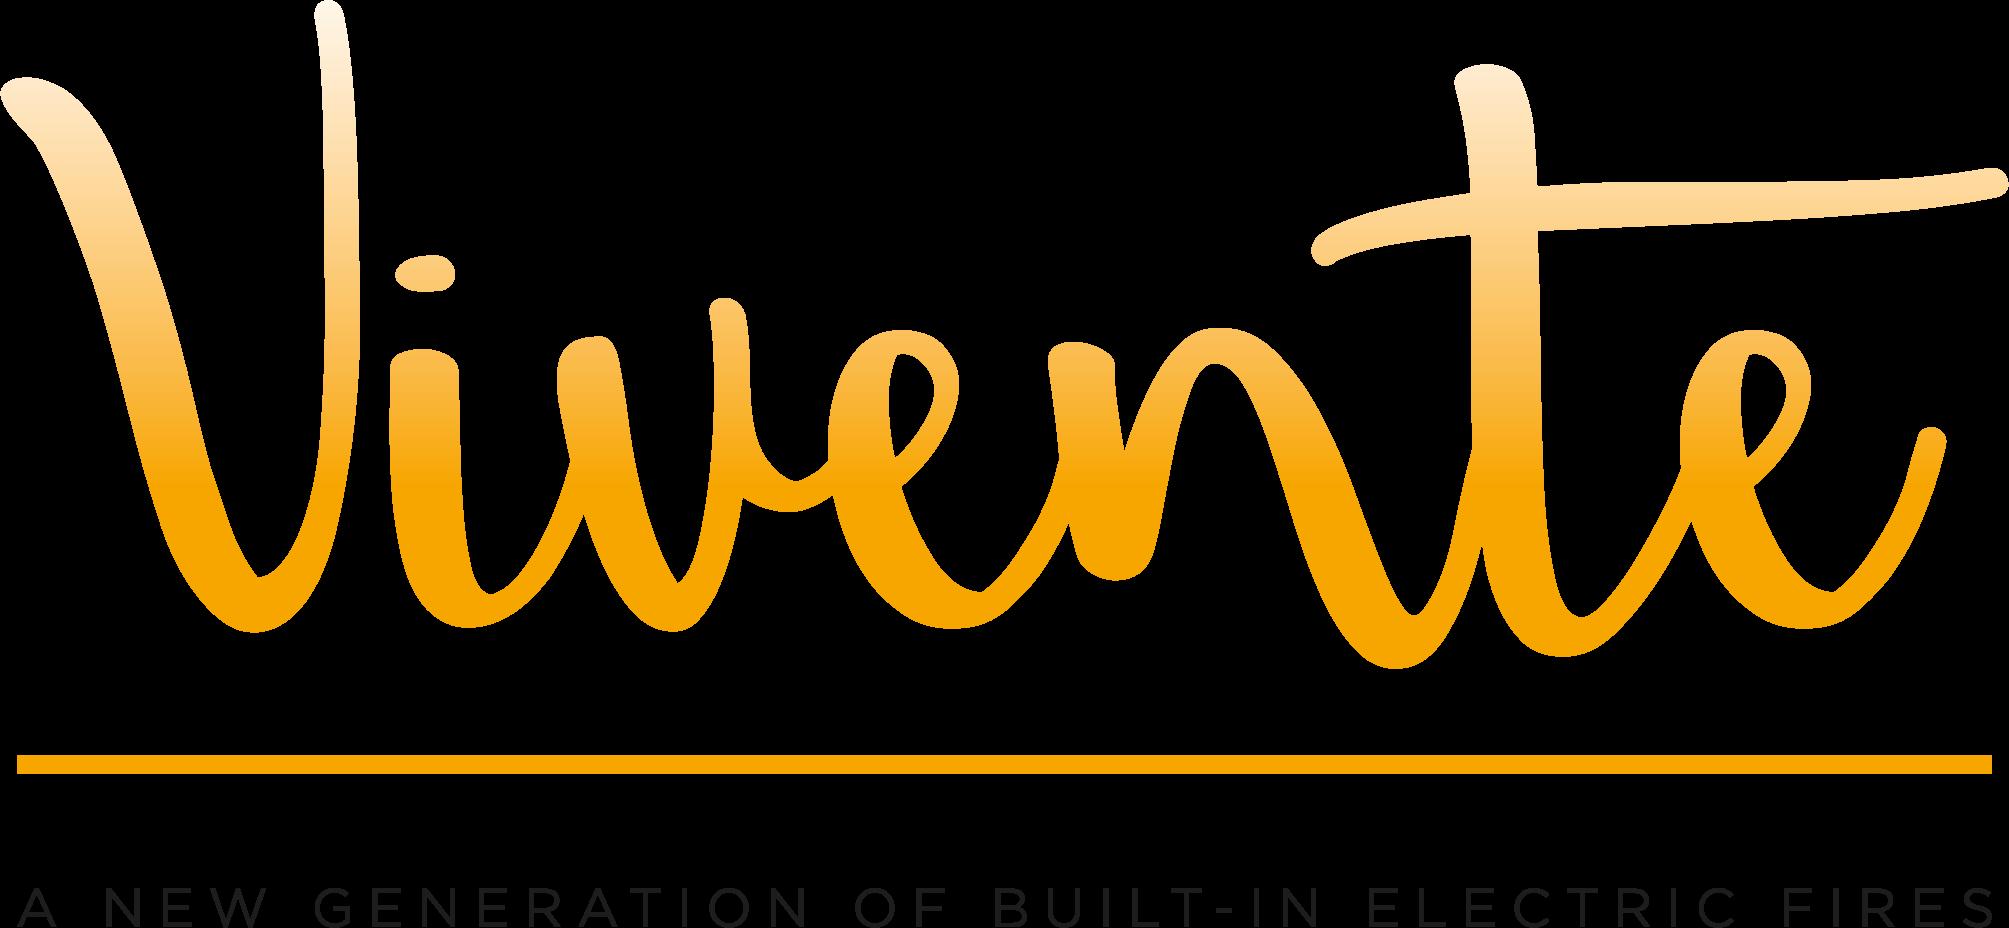 vivente orange logo